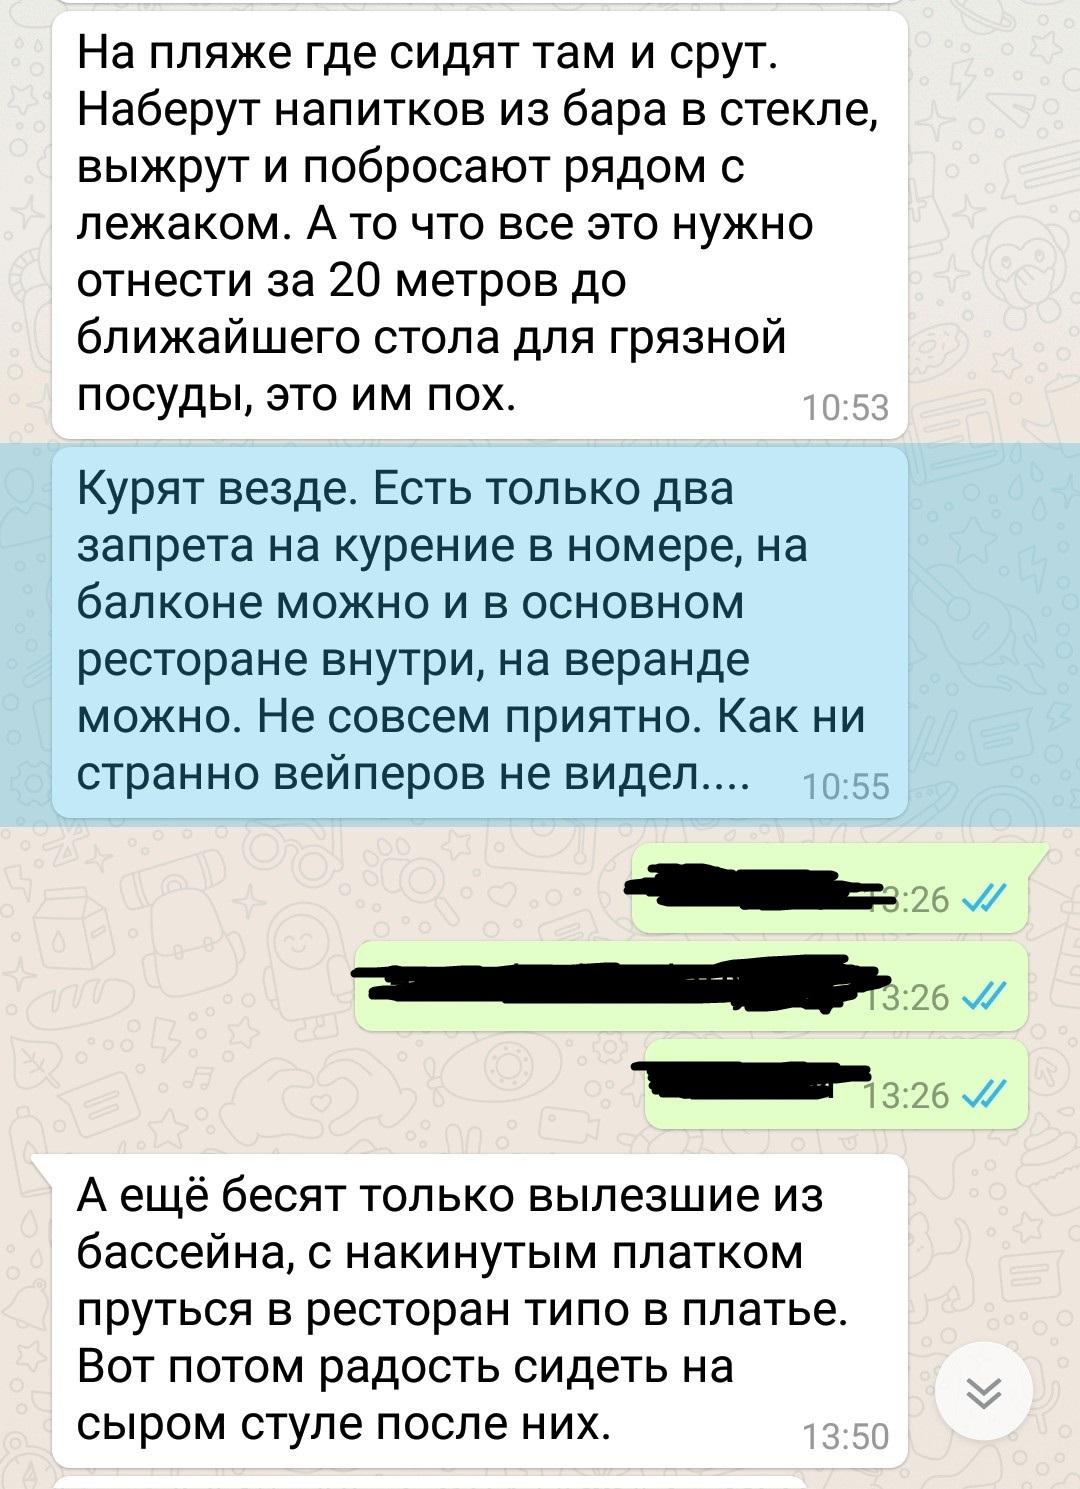 Русские туристы выложили слово хуй